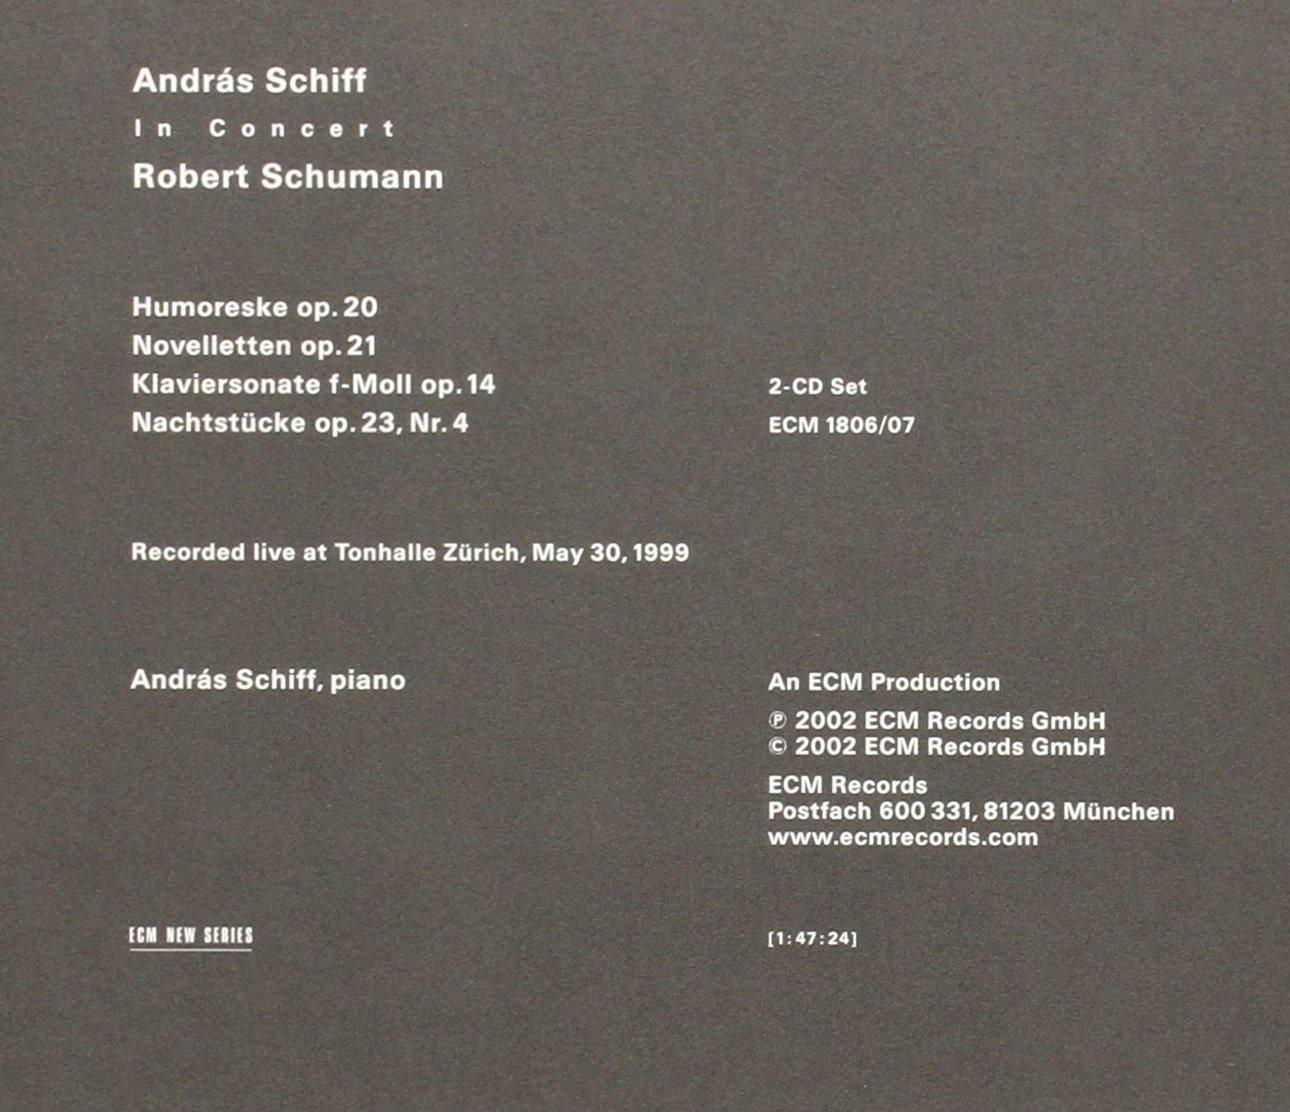 Andras Schiff: In Concert